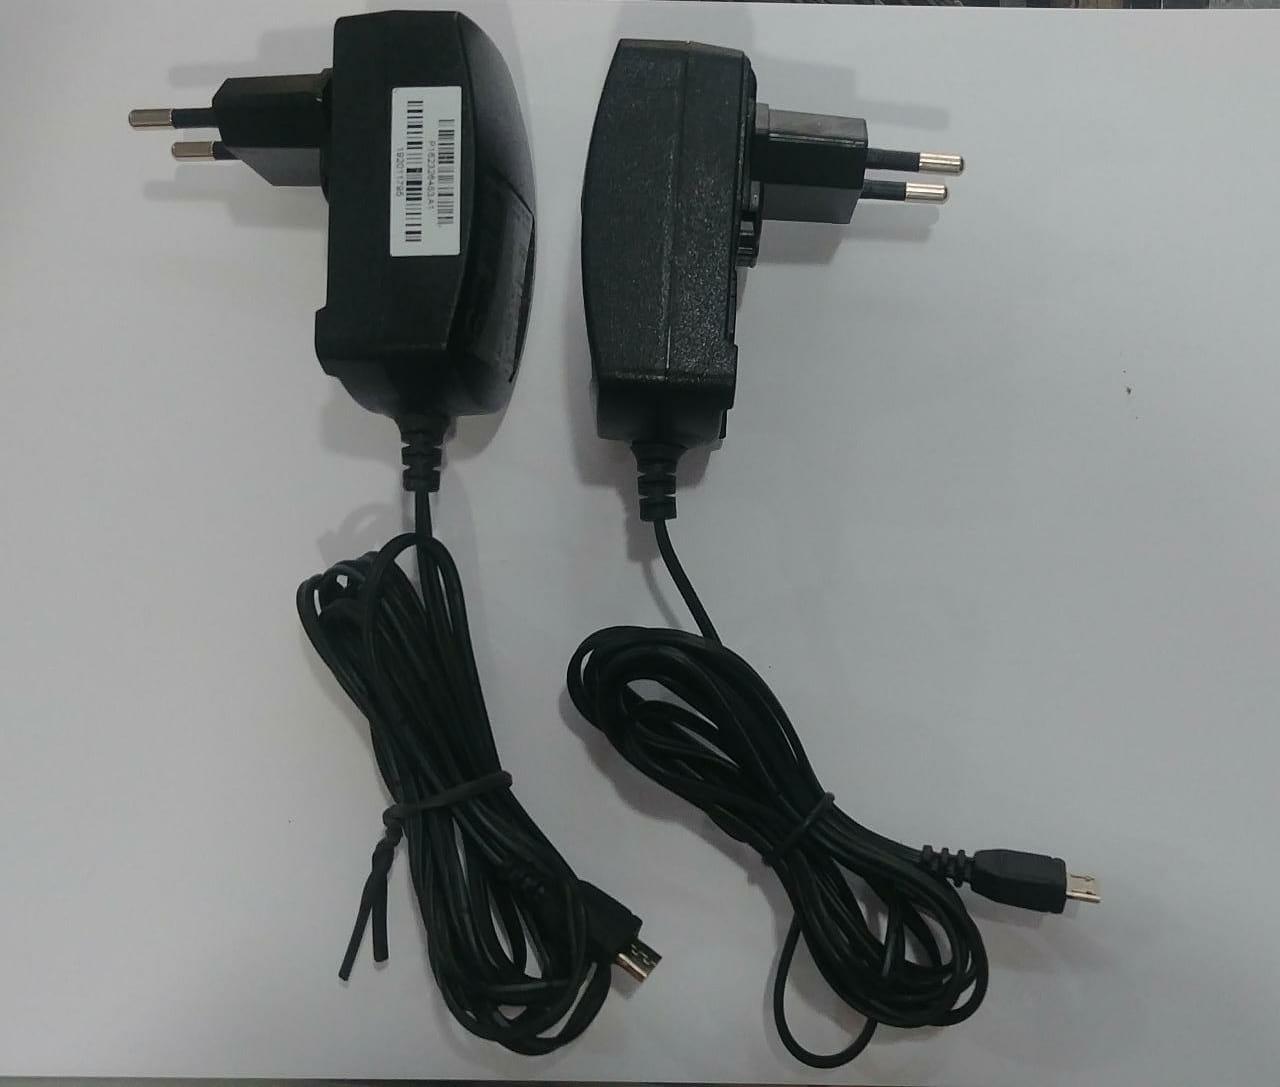 kit 10 Carregadores para Cel. e Tablet 1200Mah Fio Extra grande 1m70cm Micro Usb